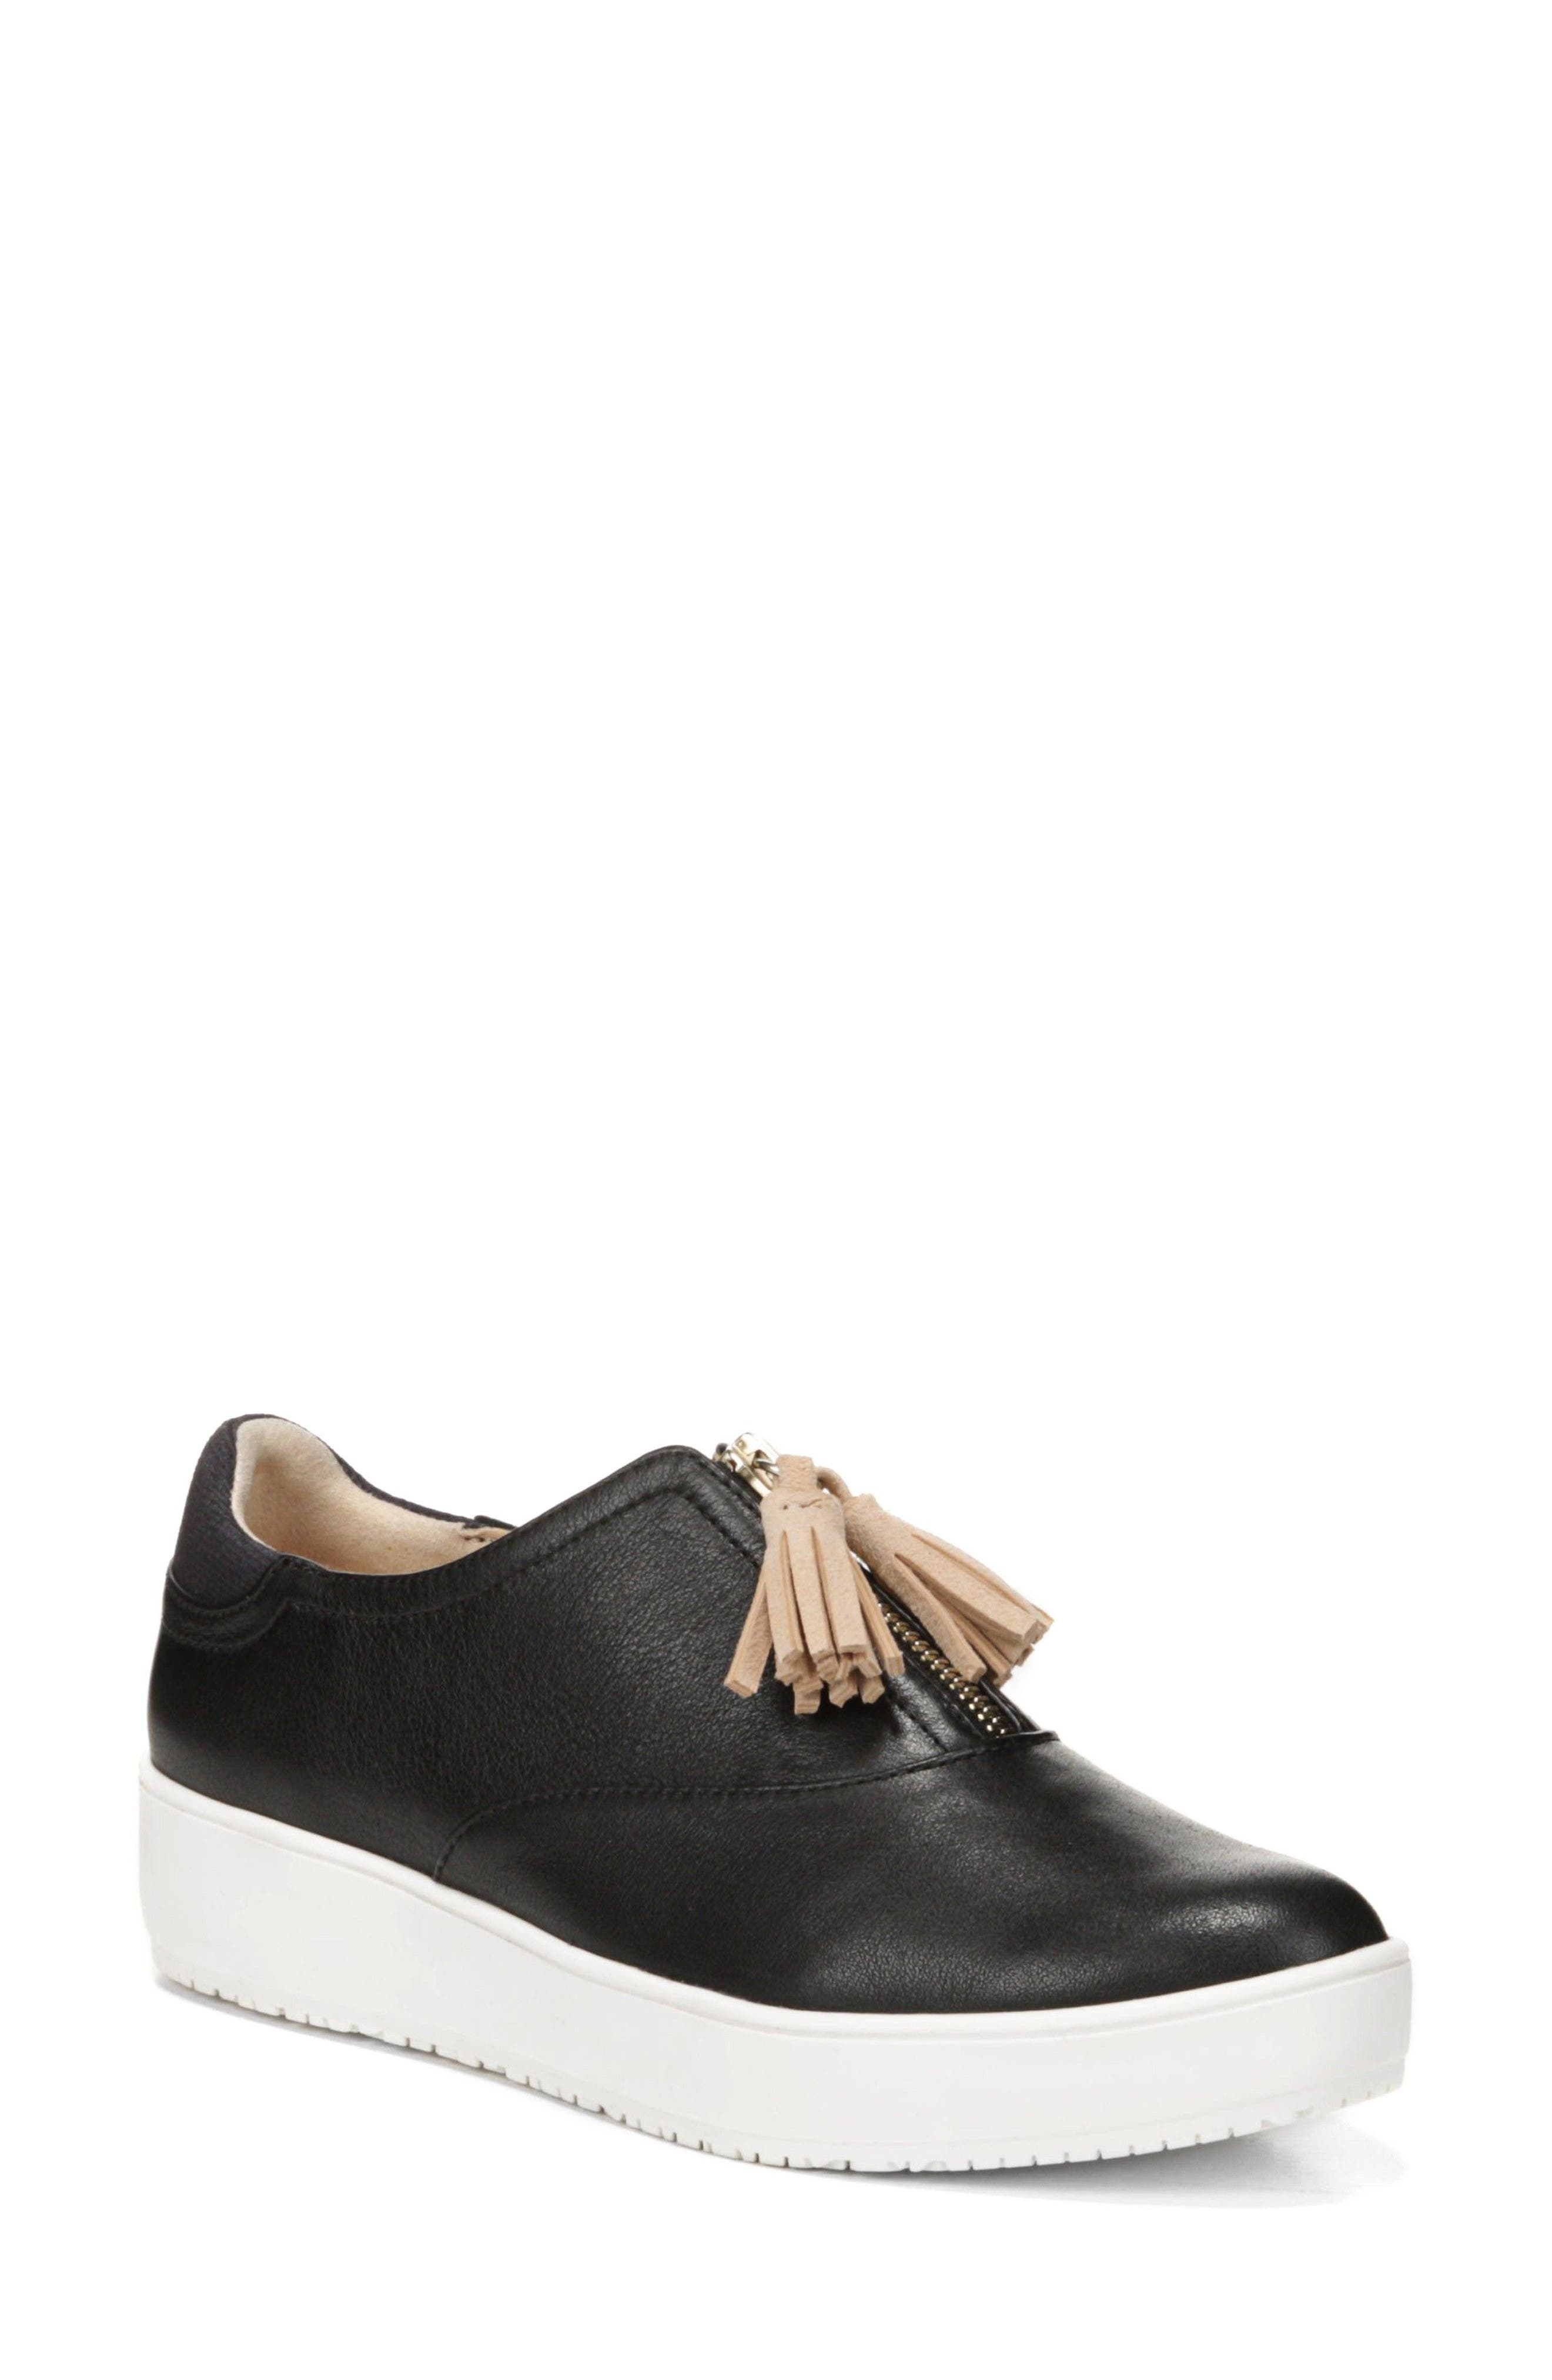 Dr. Scholl's Blakely Tassel Zip Sneaker (Women)